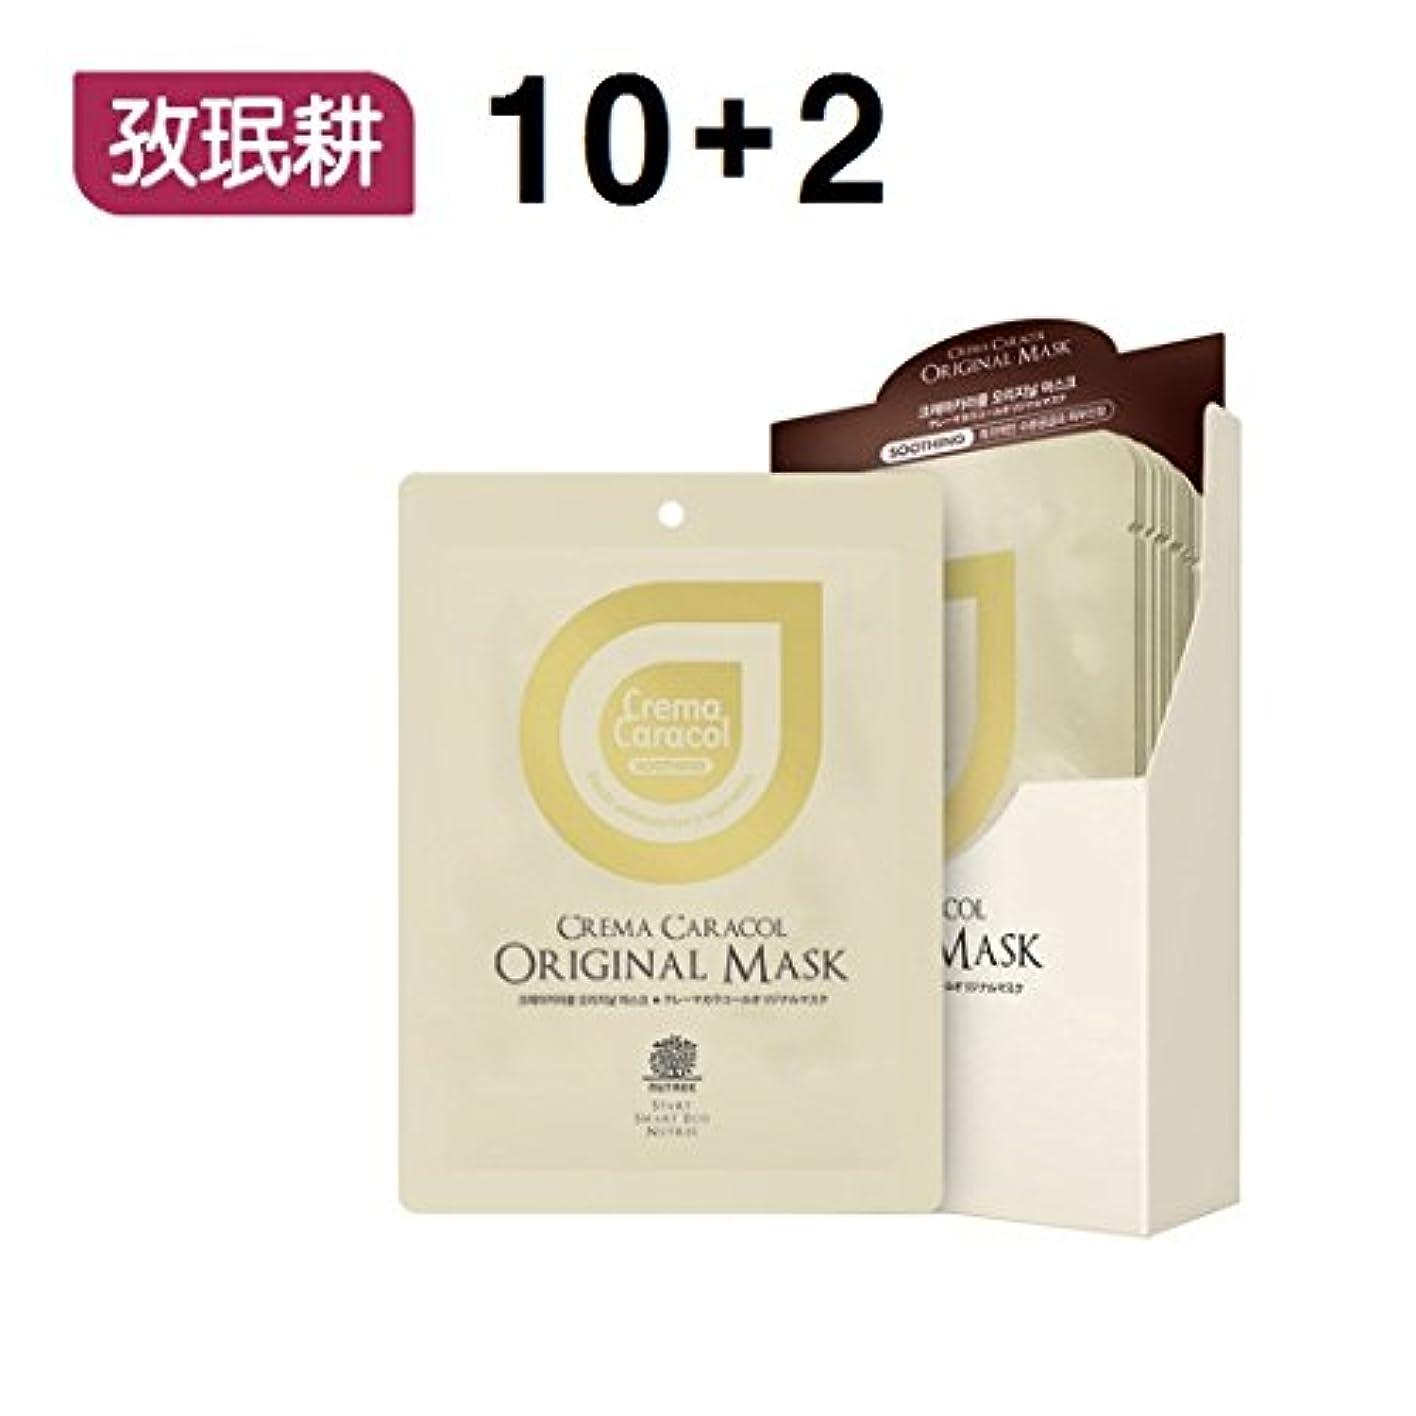 背骨探す軽くJaminkyung Crema Caracol Original Mask 10+2 / ジャミンギョン クレマカラコールオリジナルマスク 10+2 [並行輸入品]